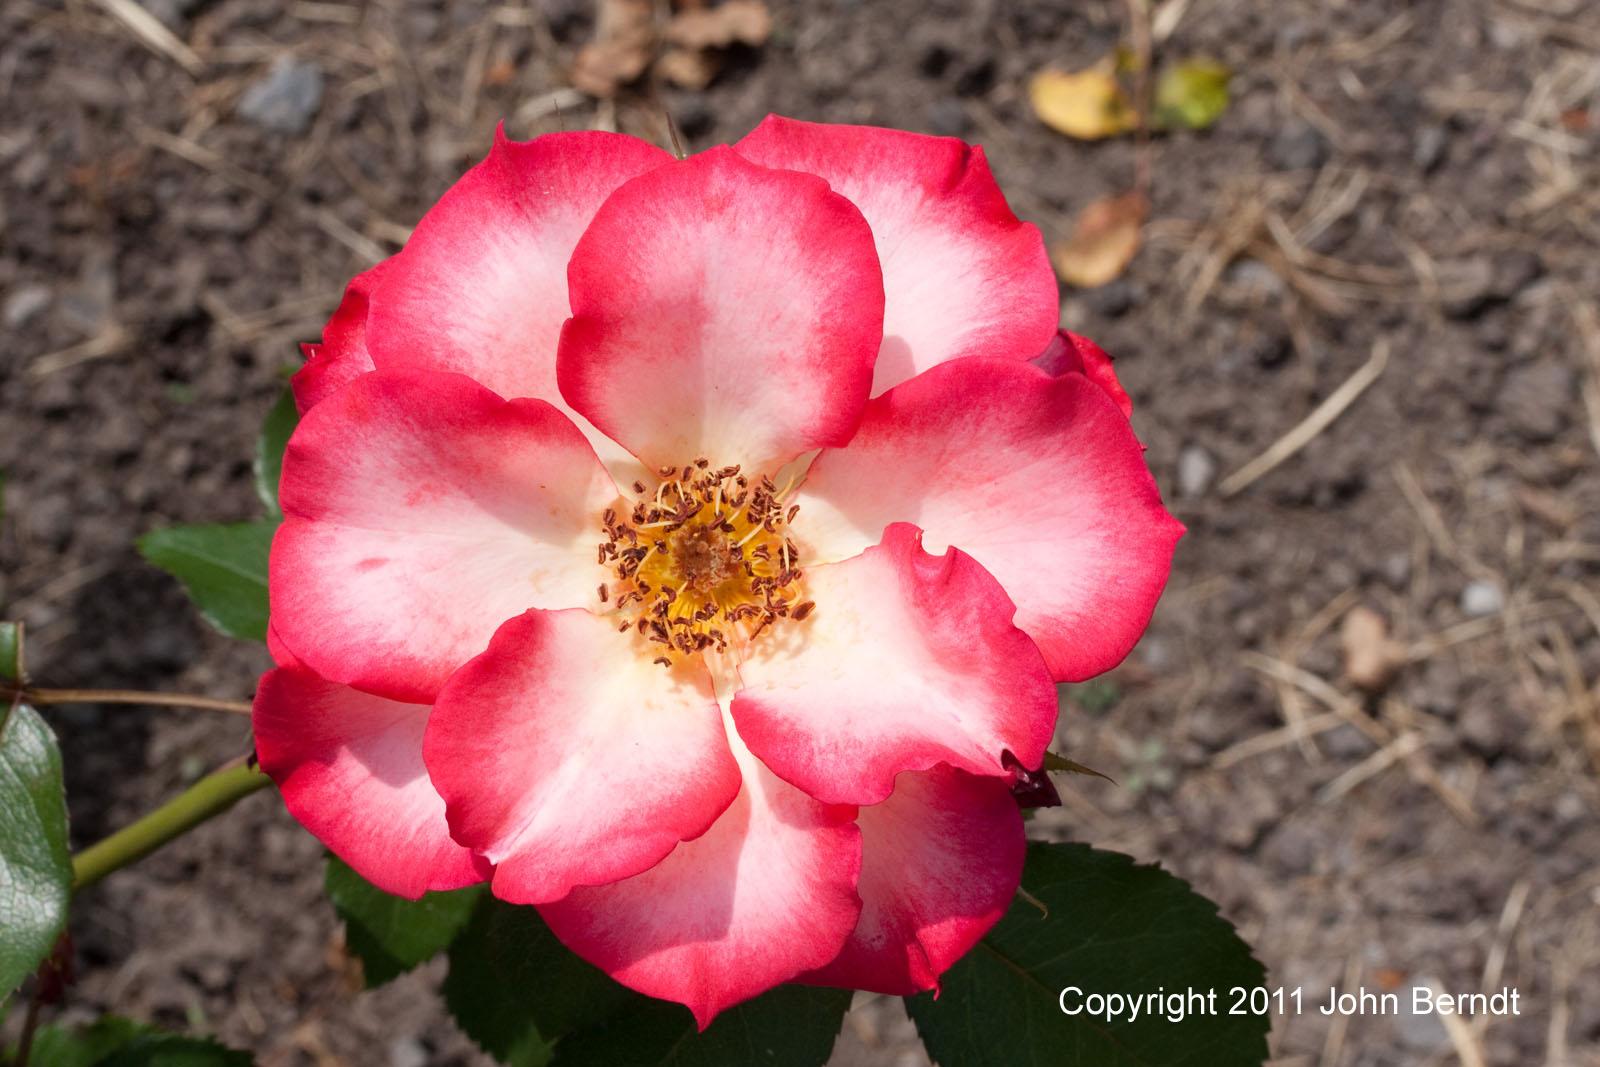 maplewood rose garden pictures. Black Bedroom Furniture Sets. Home Design Ideas